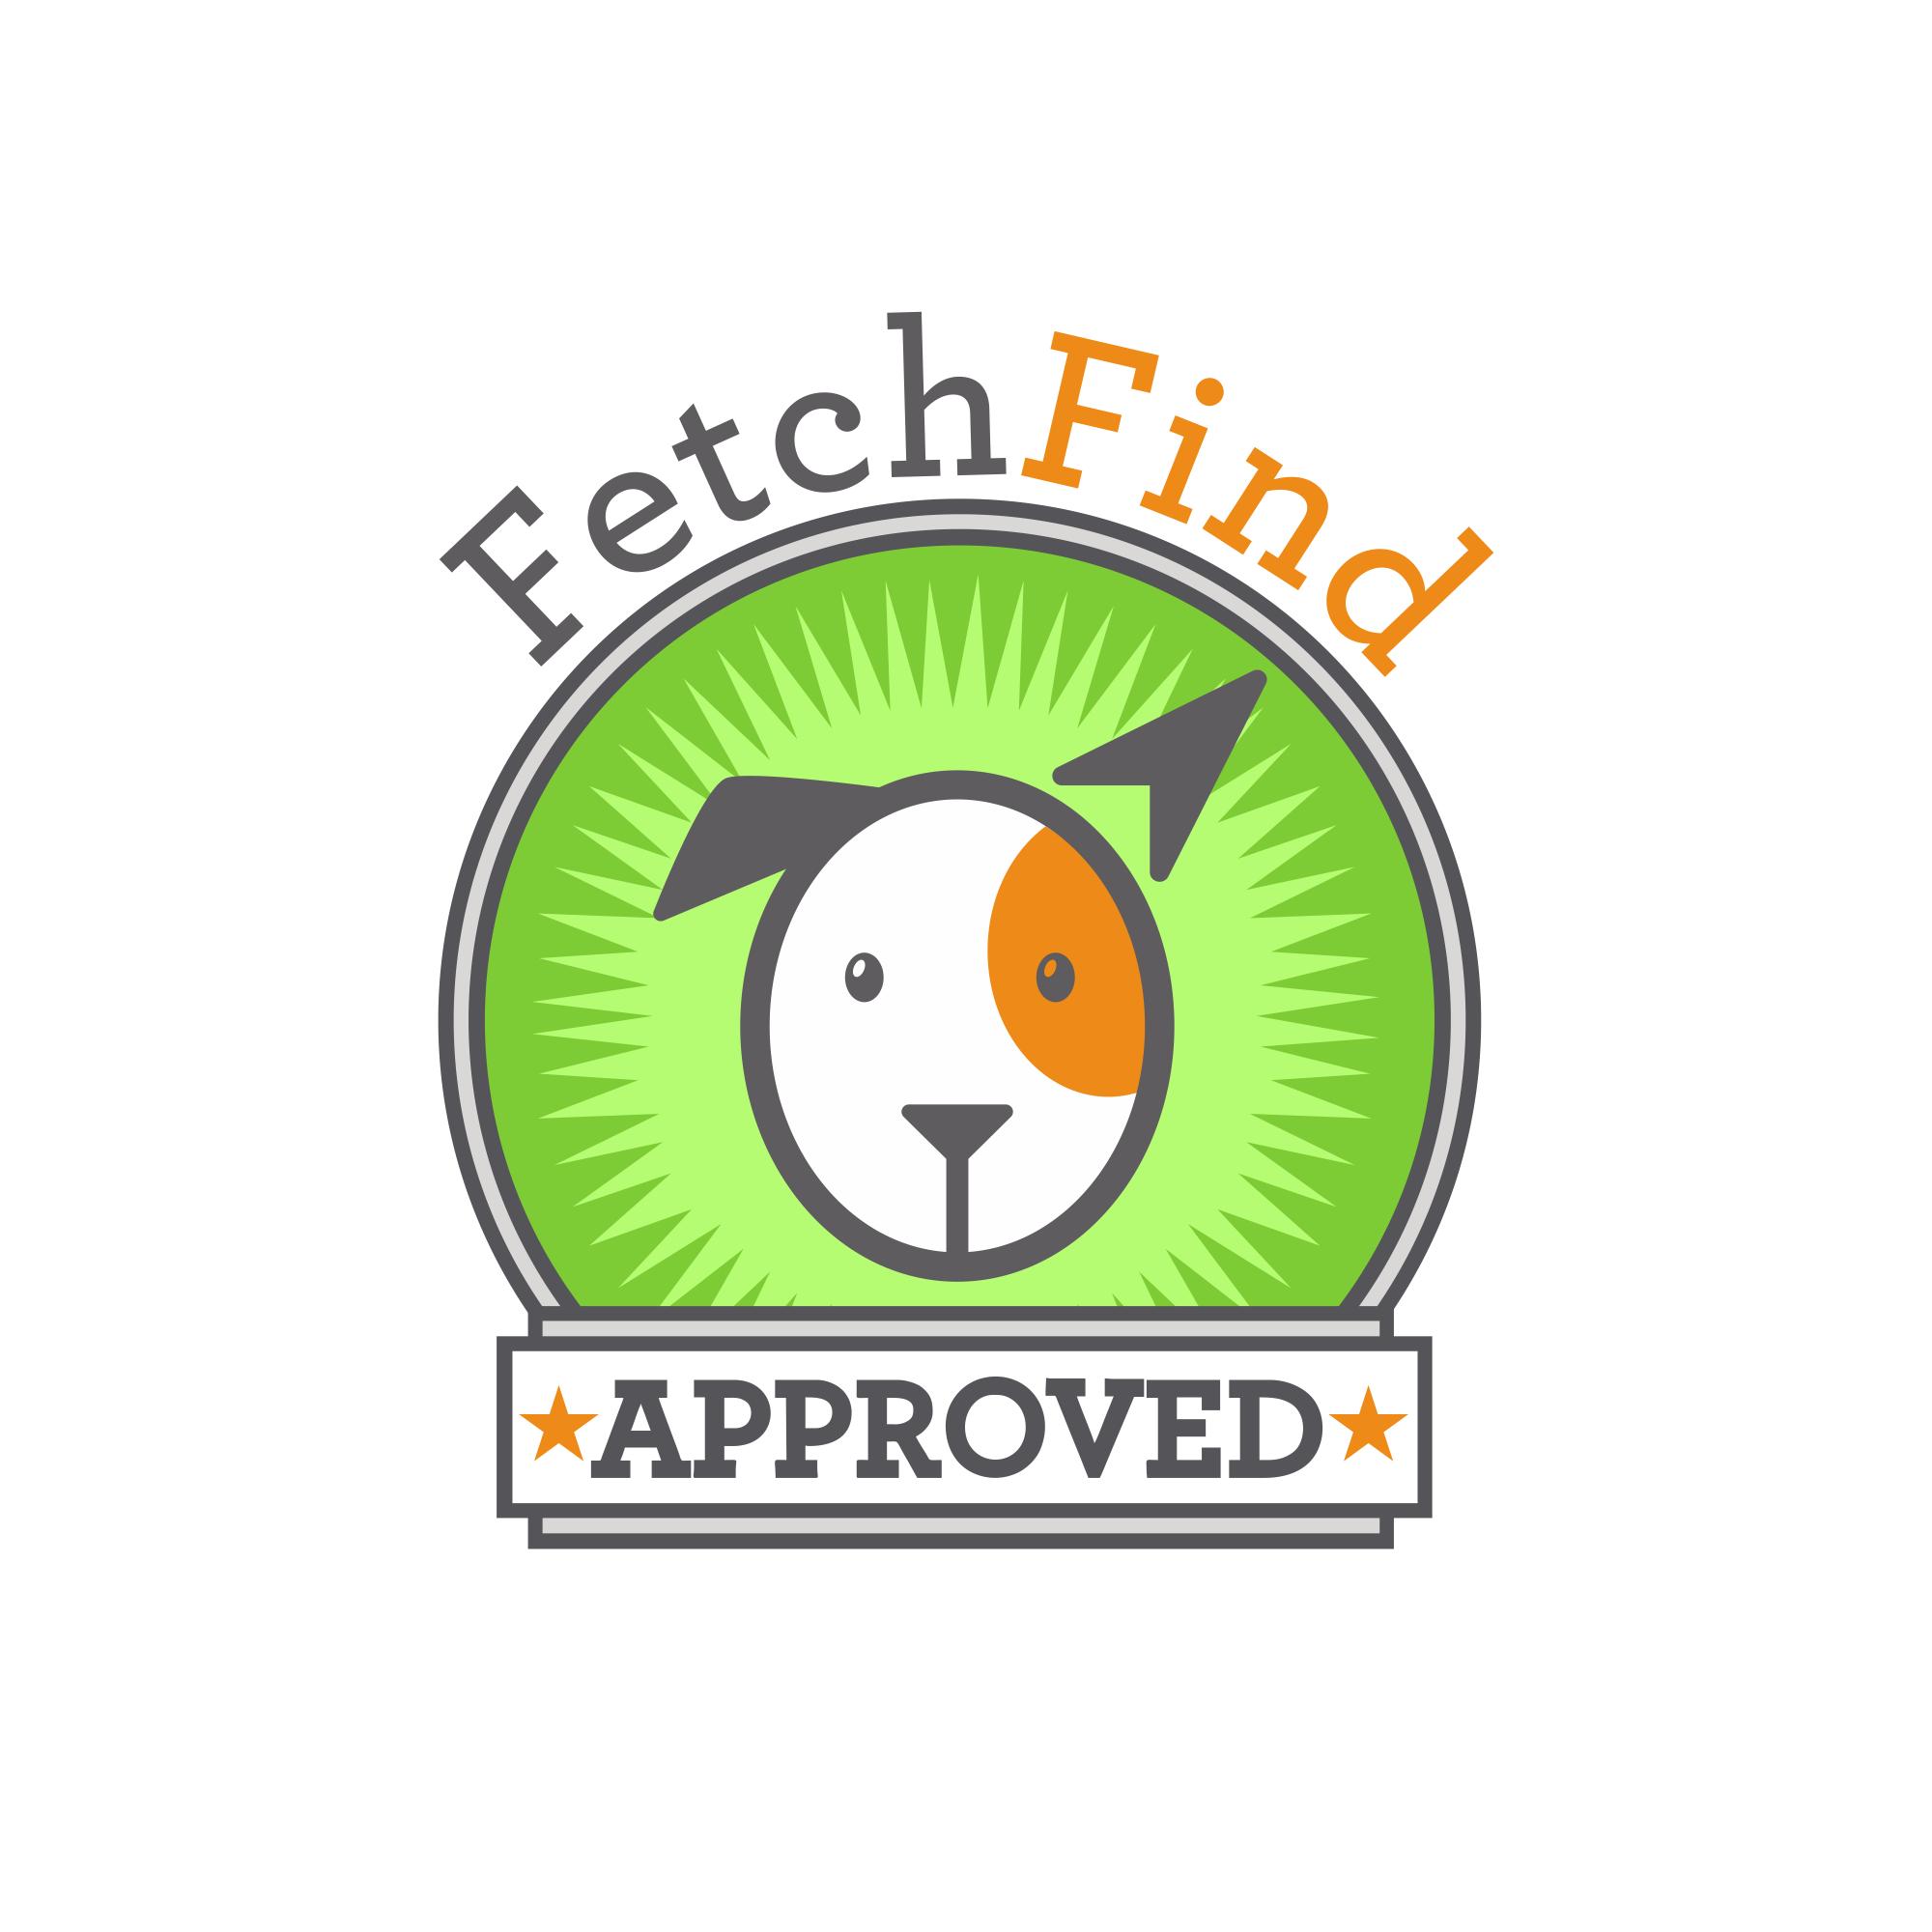 FetchFind Approved Emblem